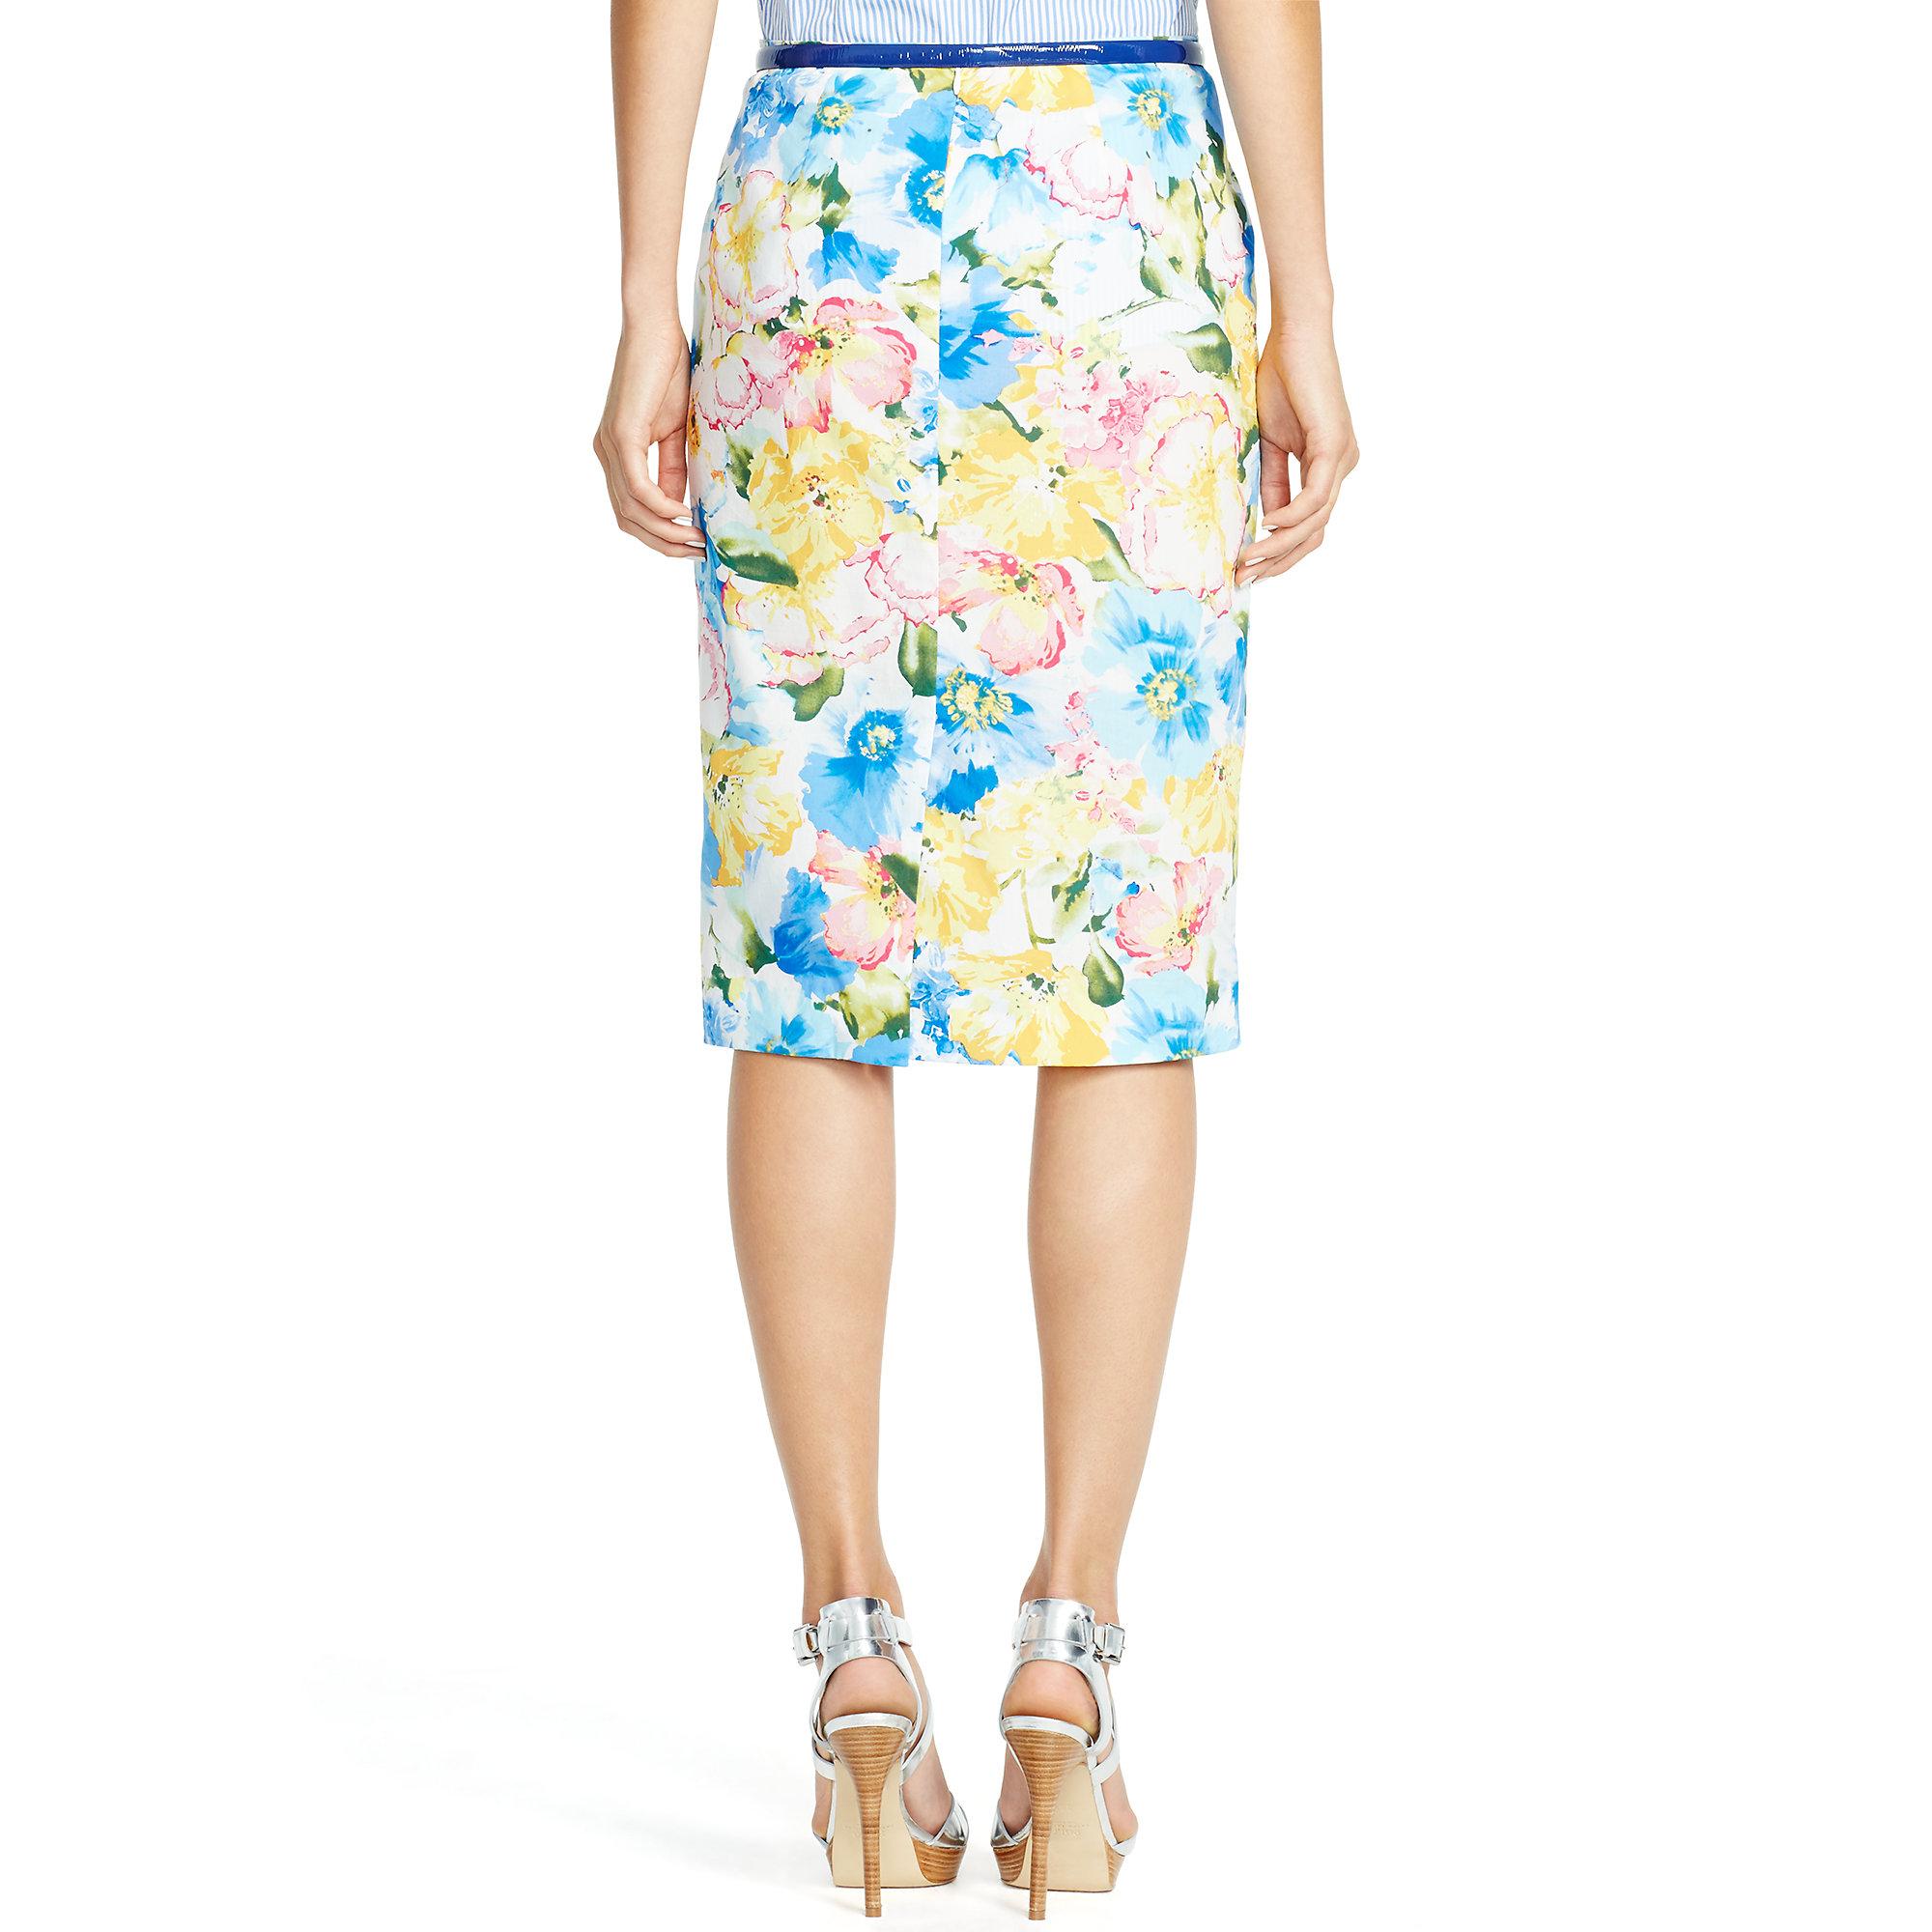 Print Ralph Lauren Blue Polo Skirt Pencil Floral X8nwkN0OP